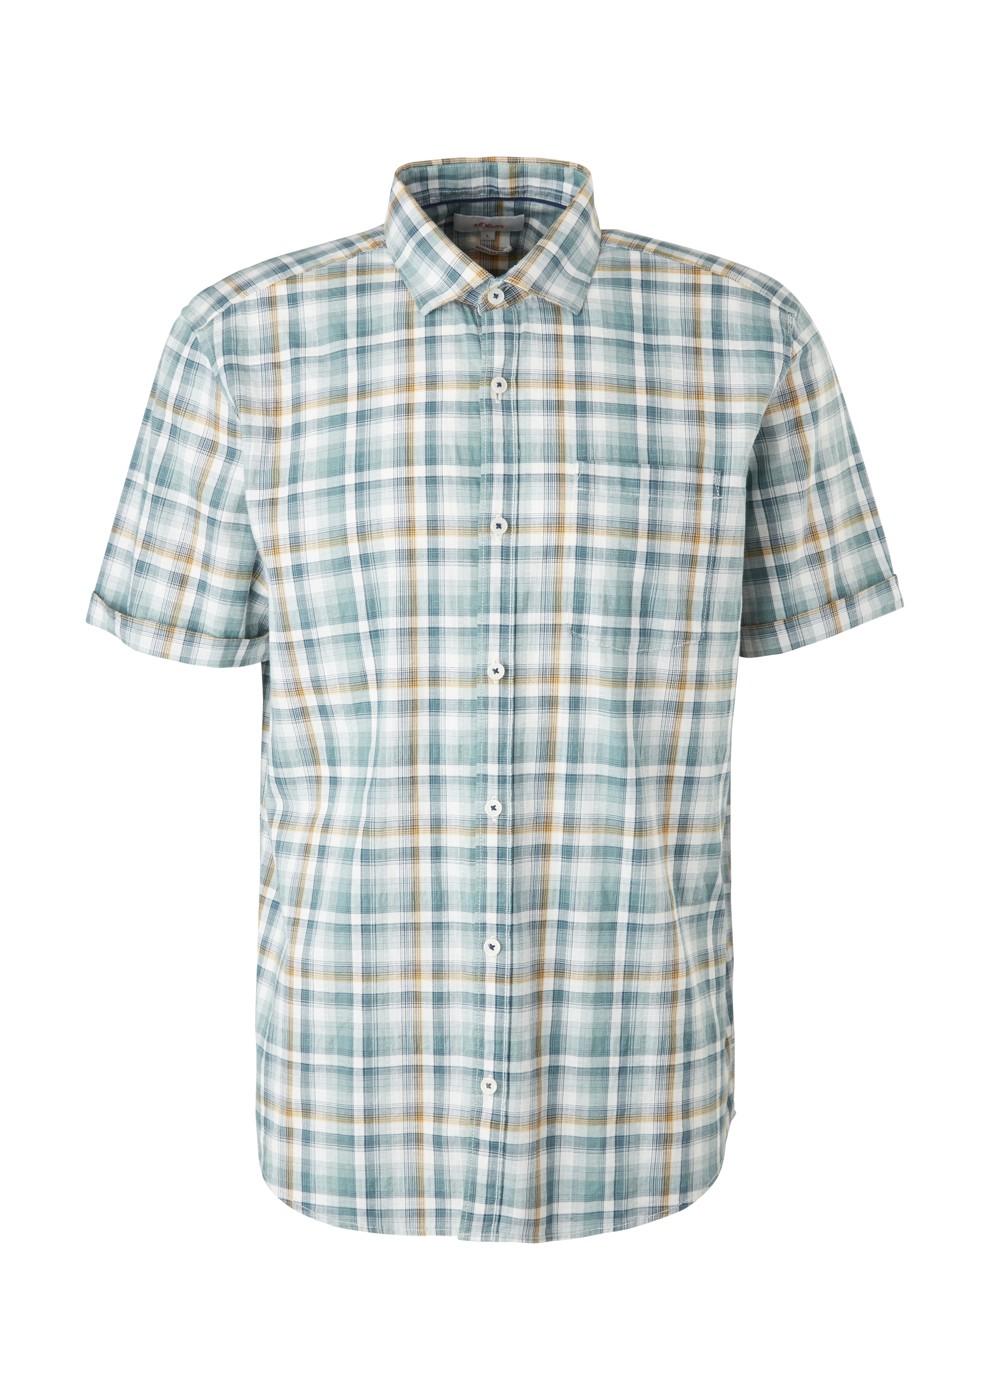 130 Hemd kurzarm - Herren